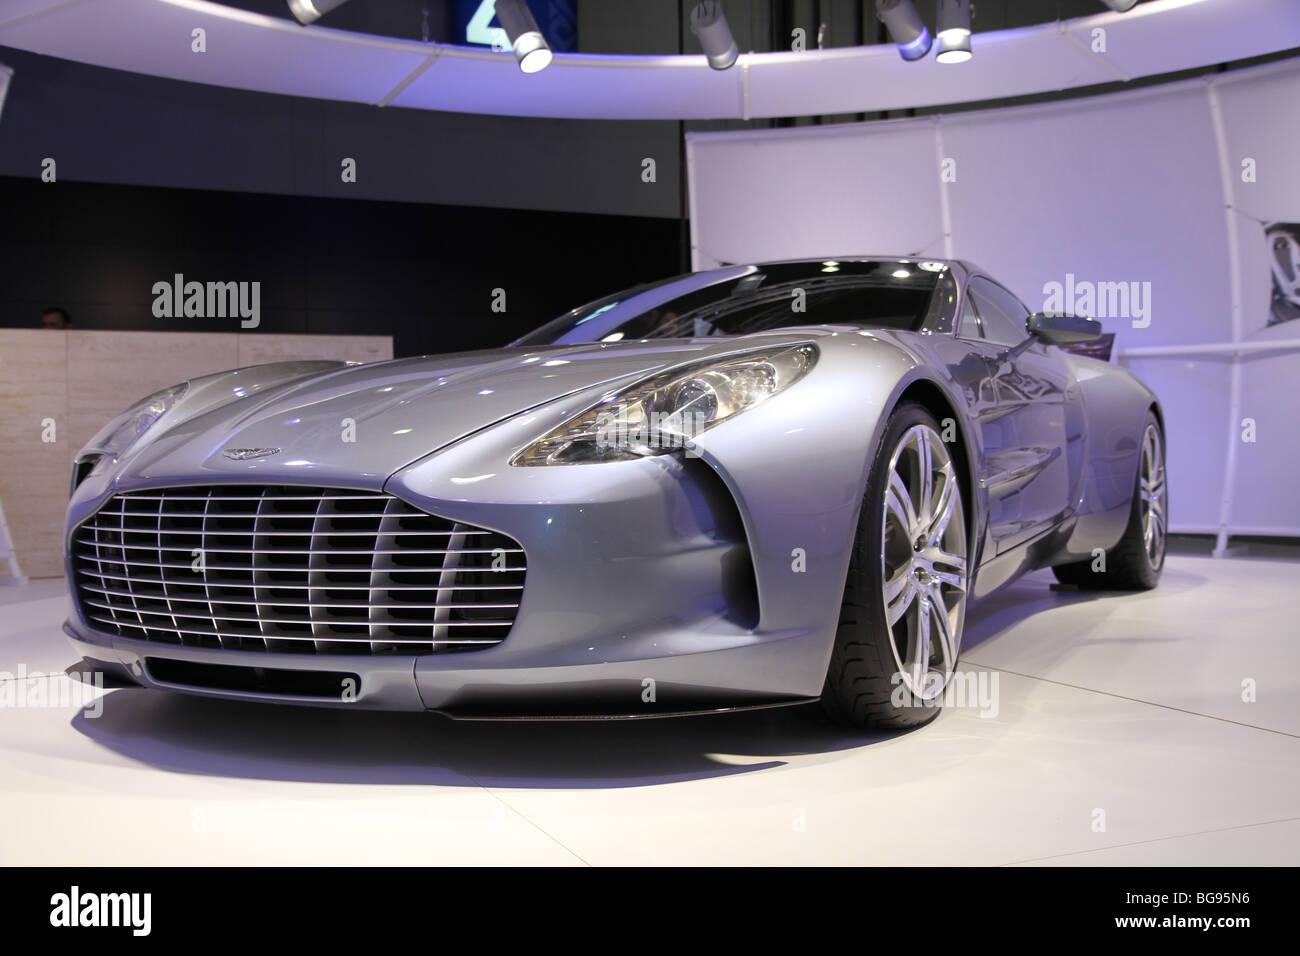 Aston martin One 77 - Stock Image